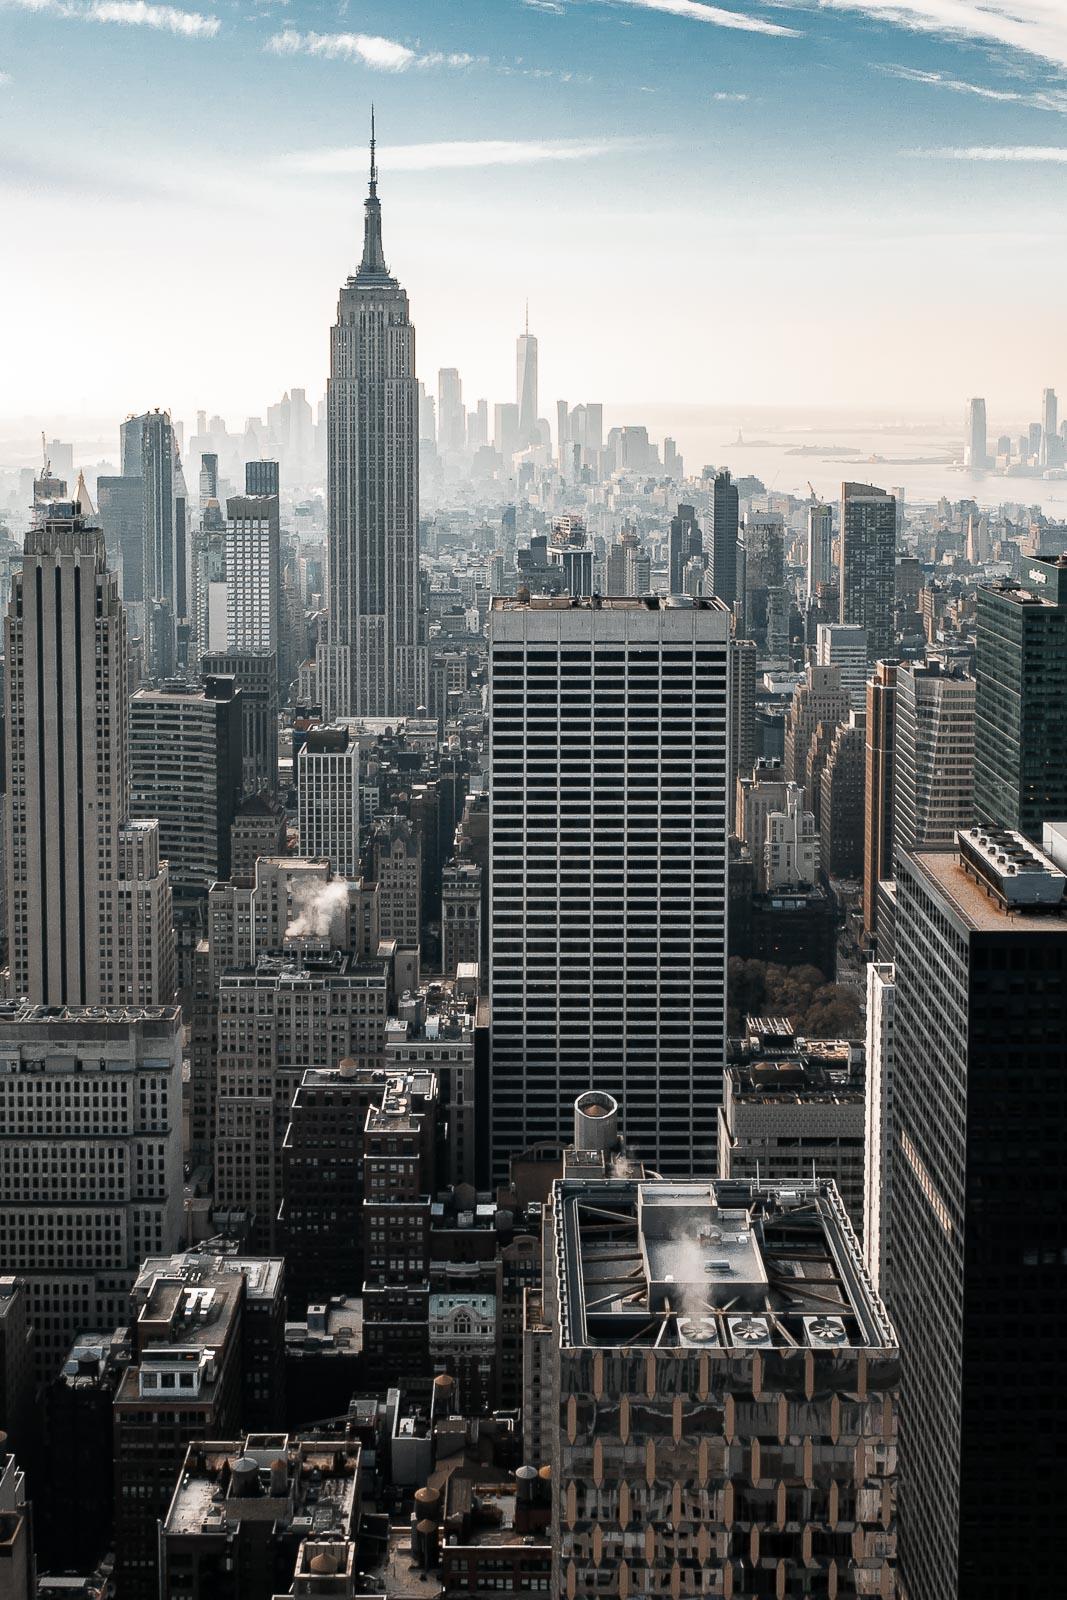 Vue aérienne sur New York